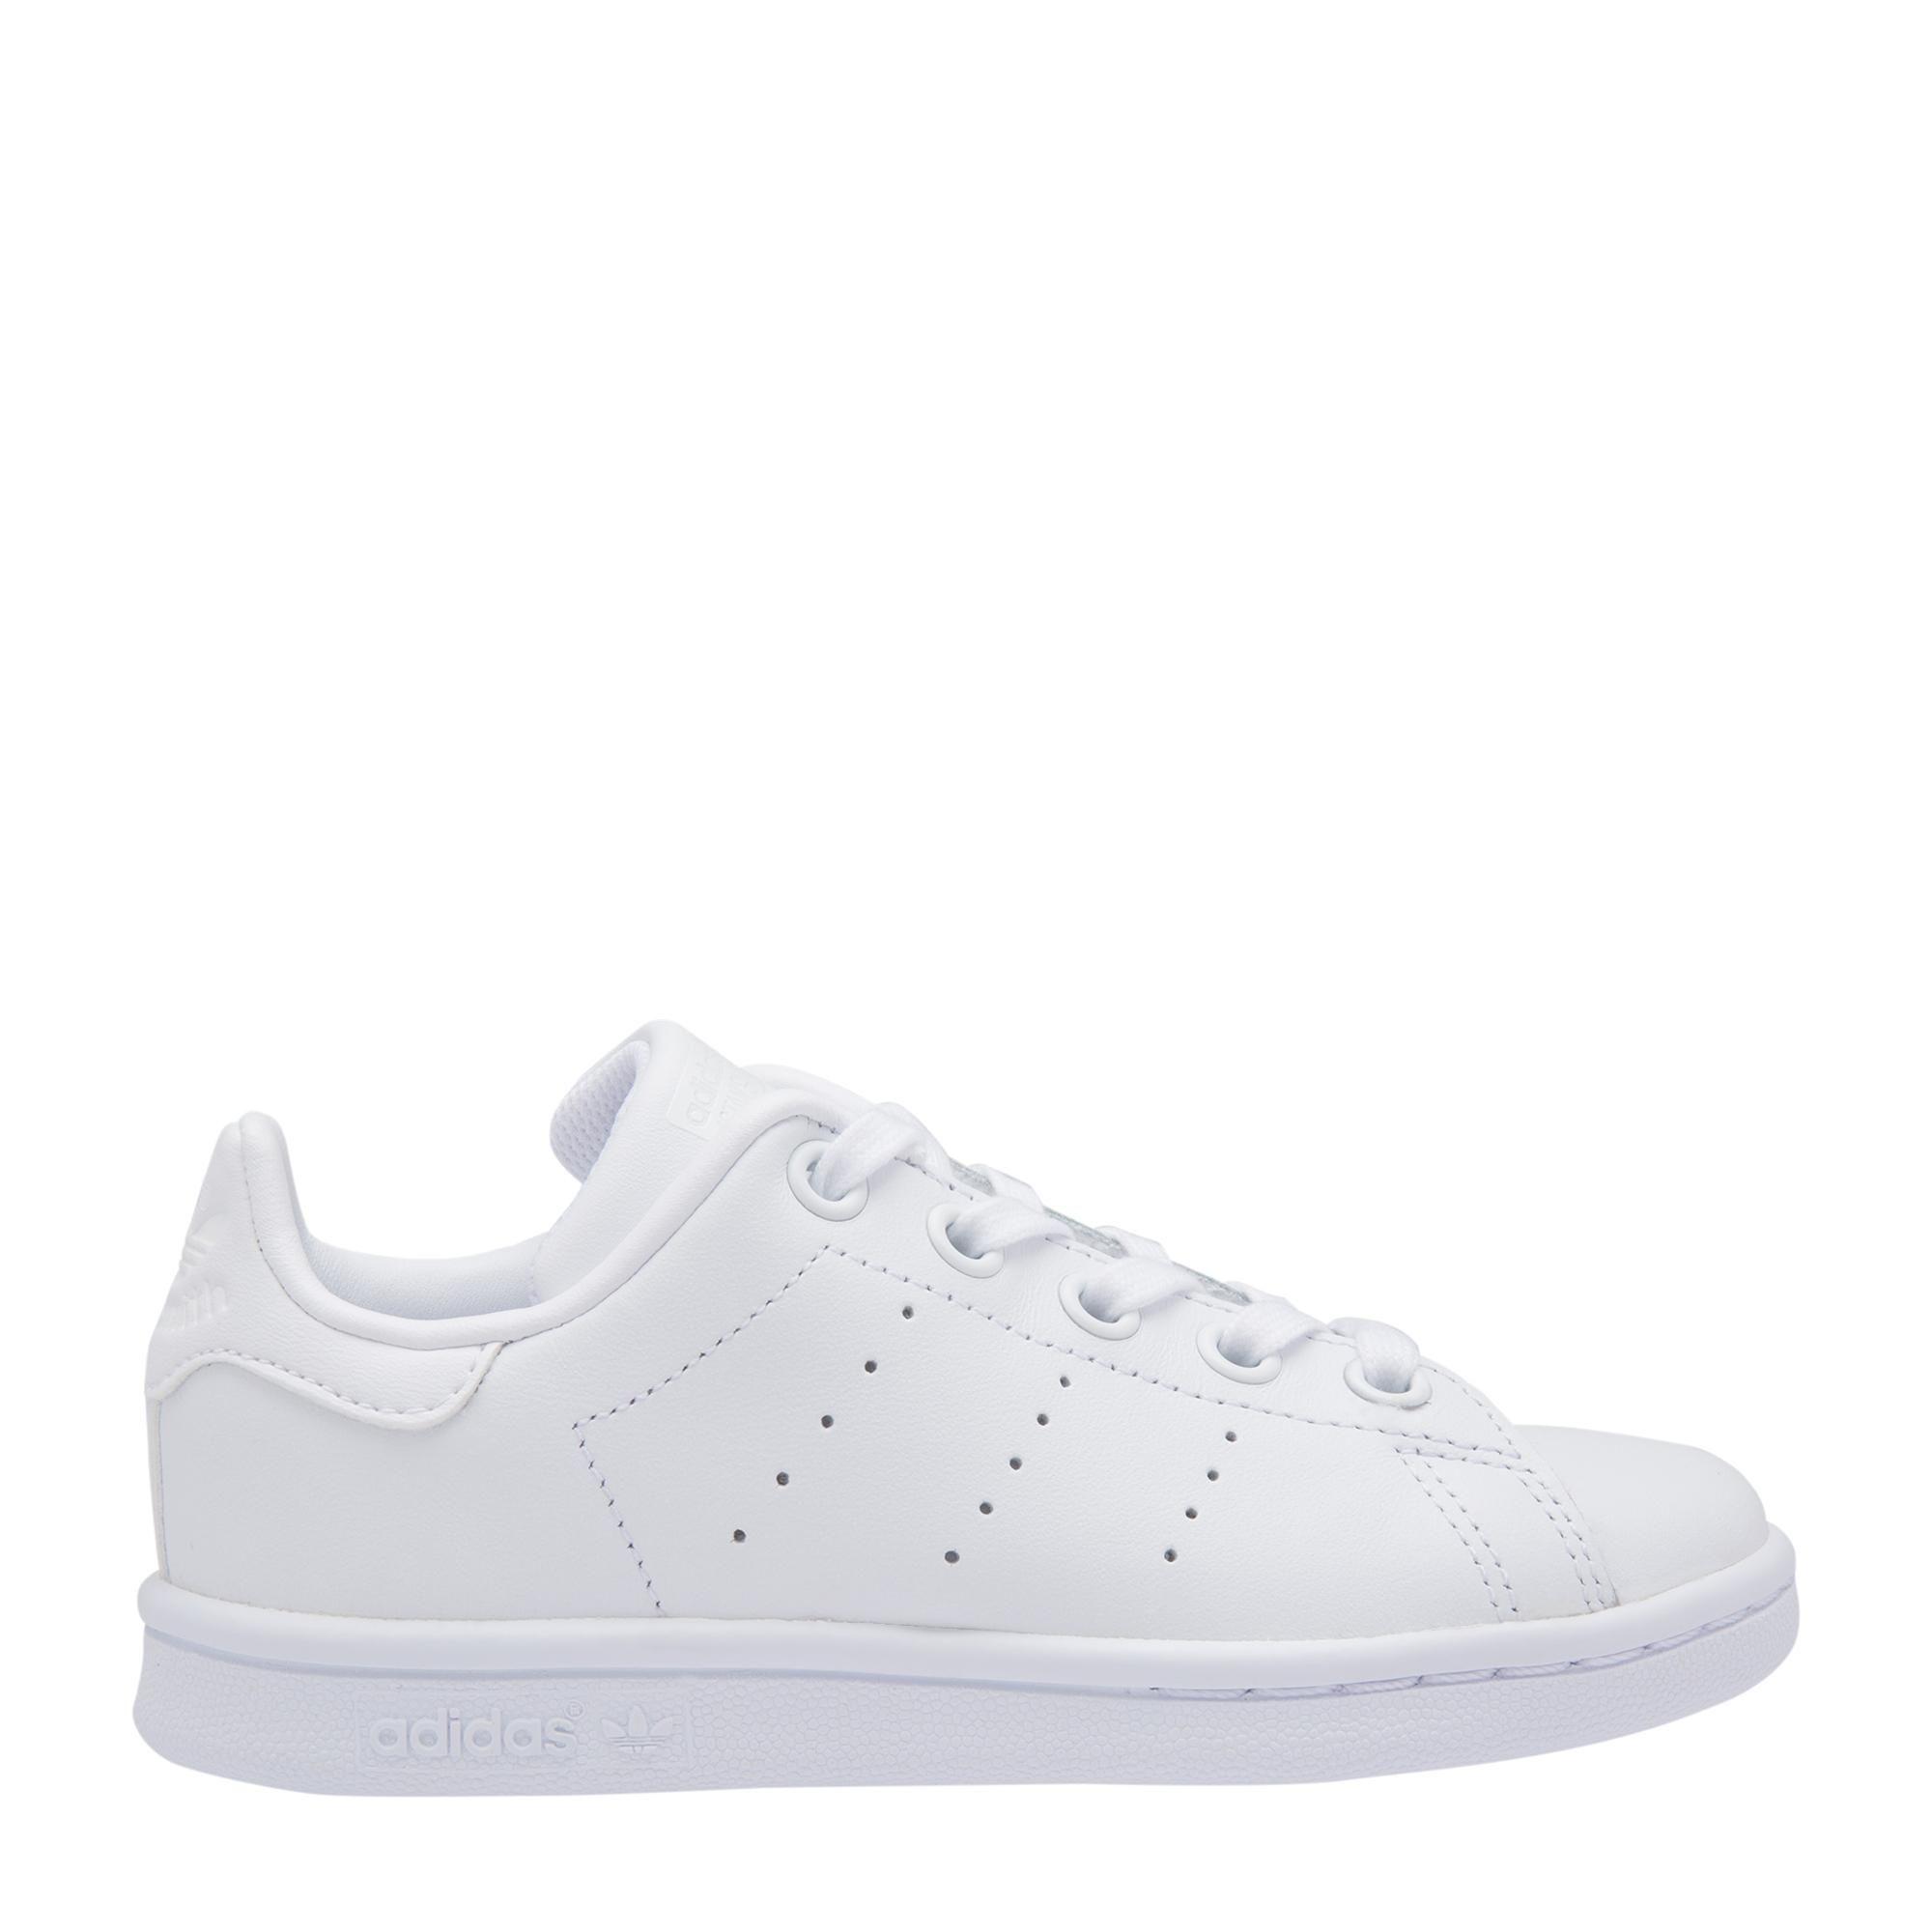 """حذاء """"ستان سميث"""" الرياضي"""